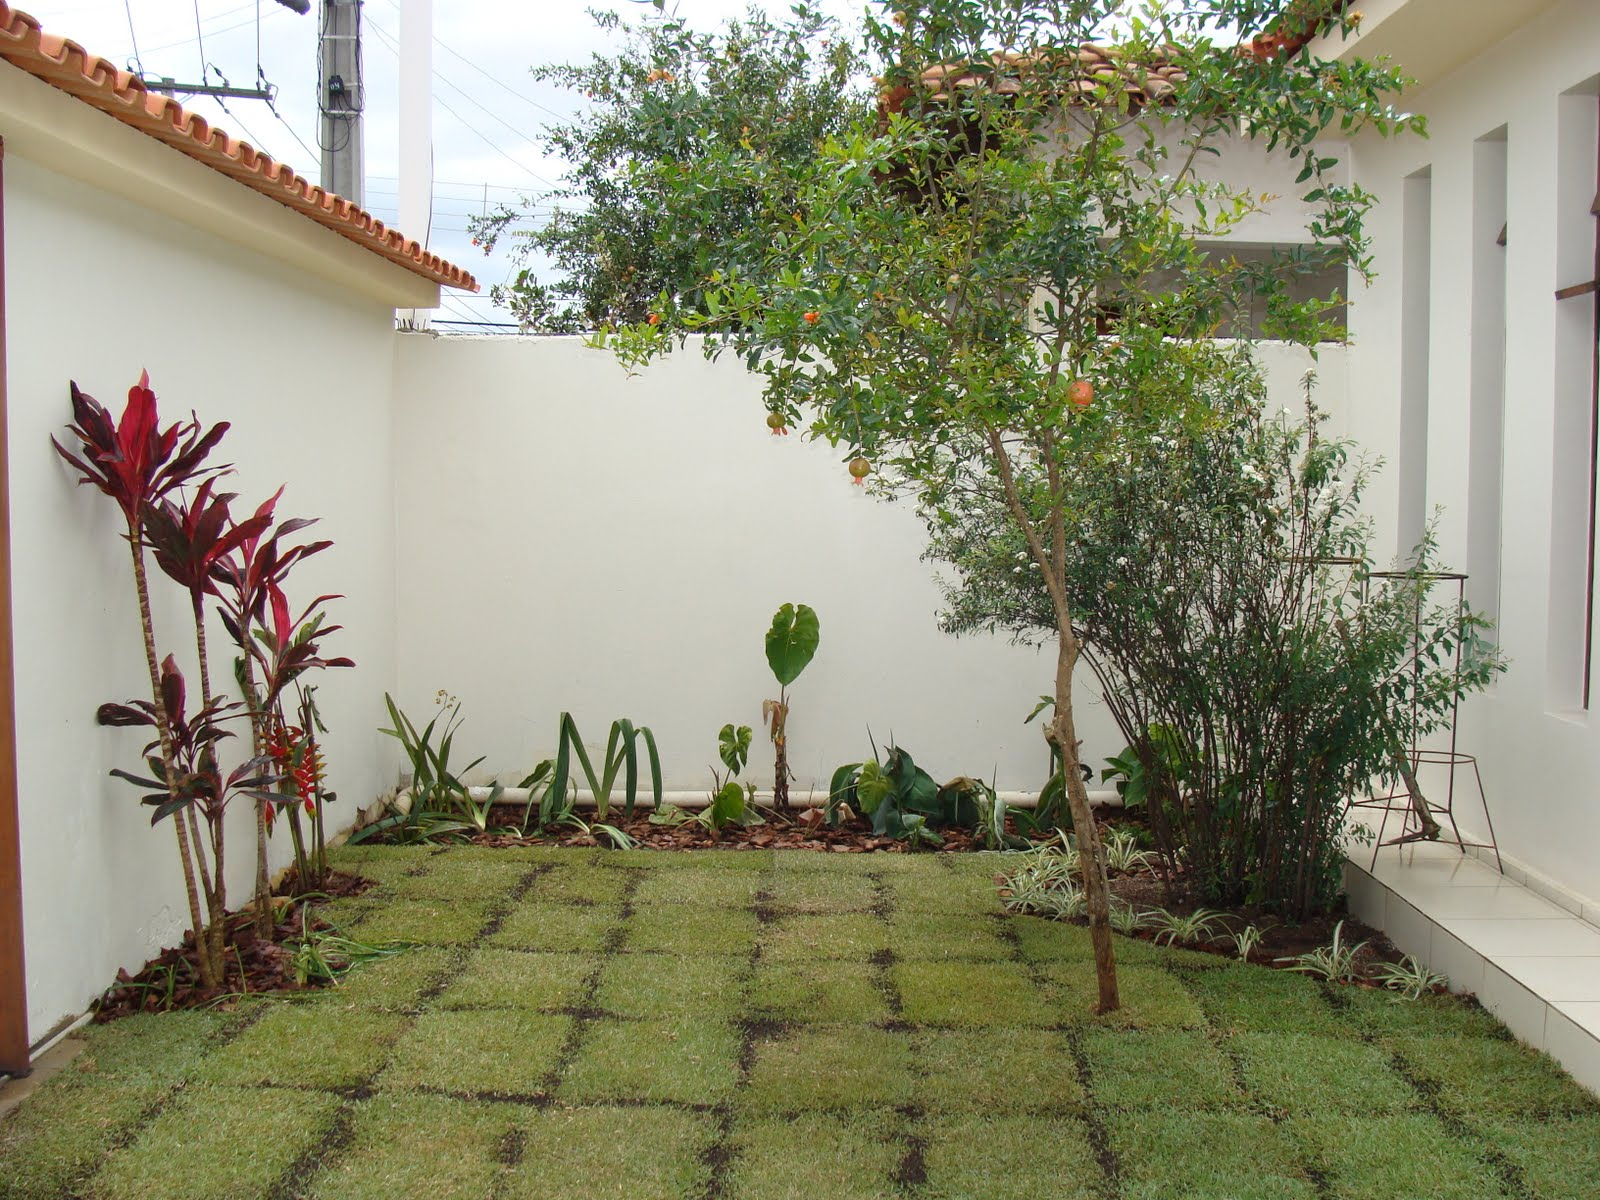 Jardim natureza pequeno espa o for Jardines pequenos simples